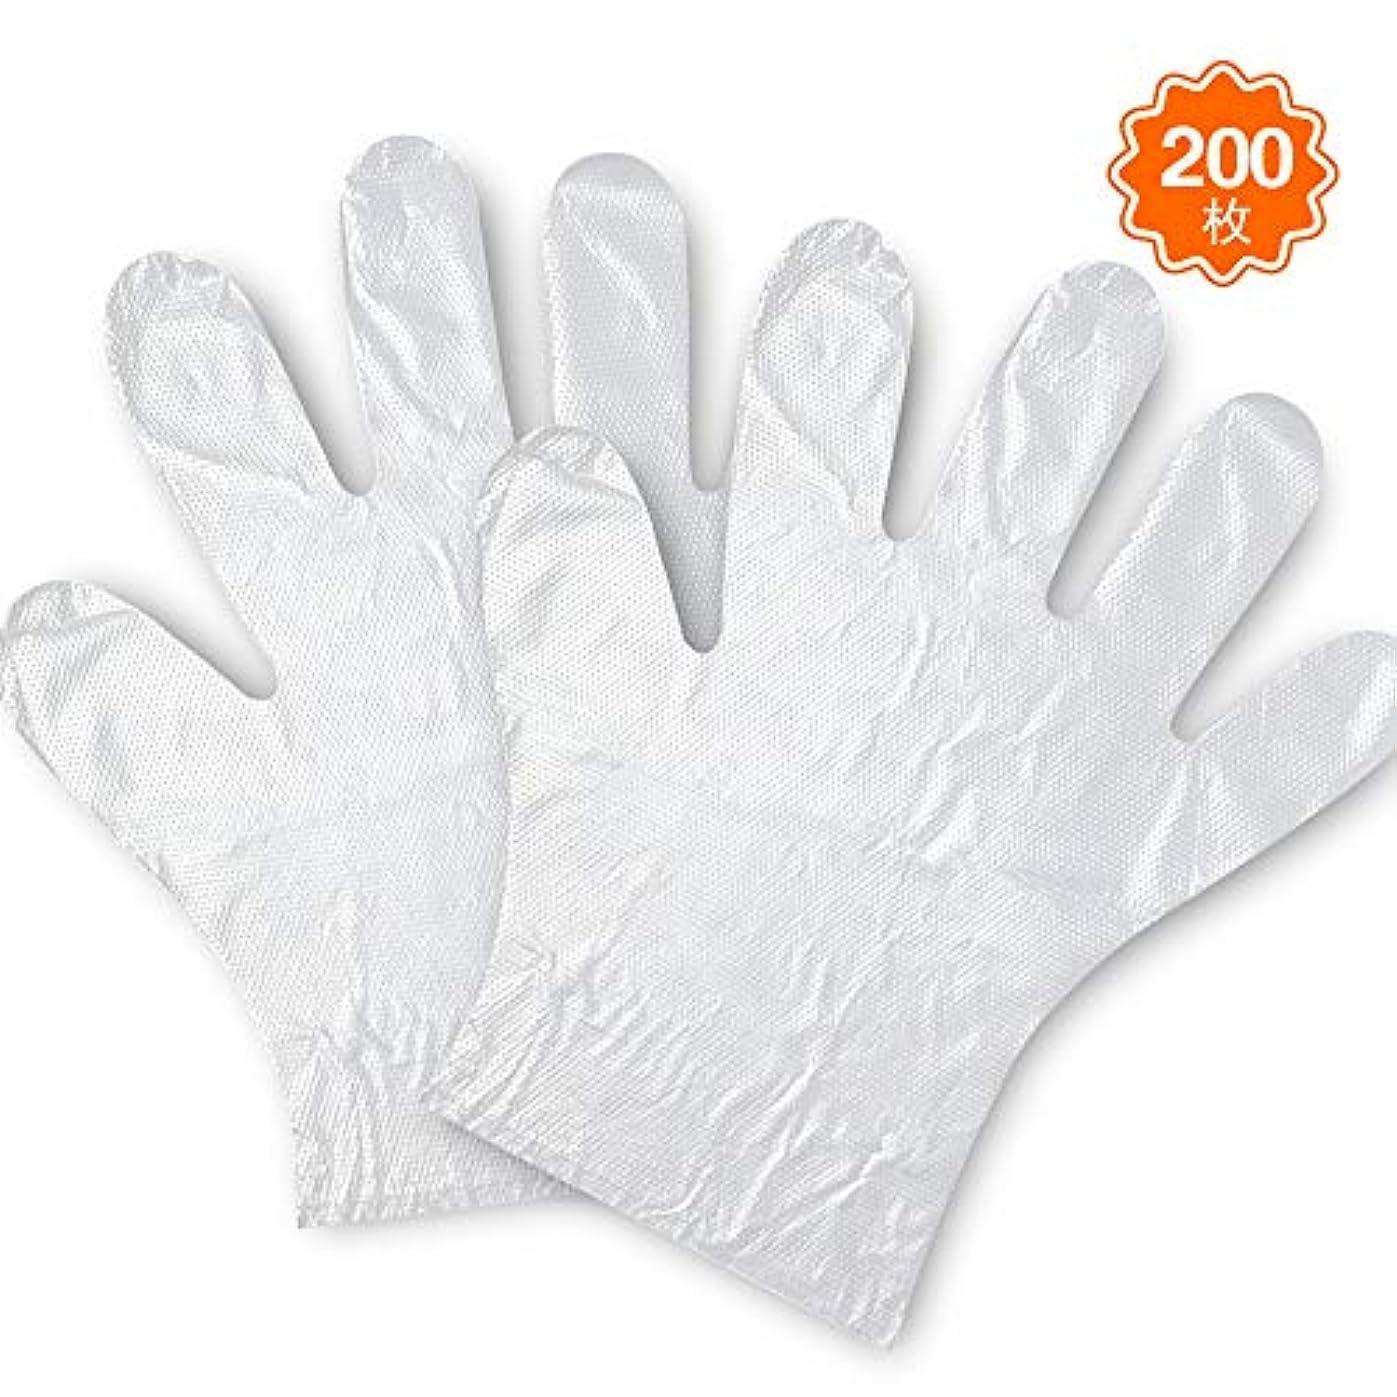 爵水陸両用悪用FanDaMei 使い捨てポリ手袋 200枚 使いきり手袋 ポリエチレン 使い捨て手袋 極薄手袋 調理に?お掃除に?毛染めに 食品衛生法適合